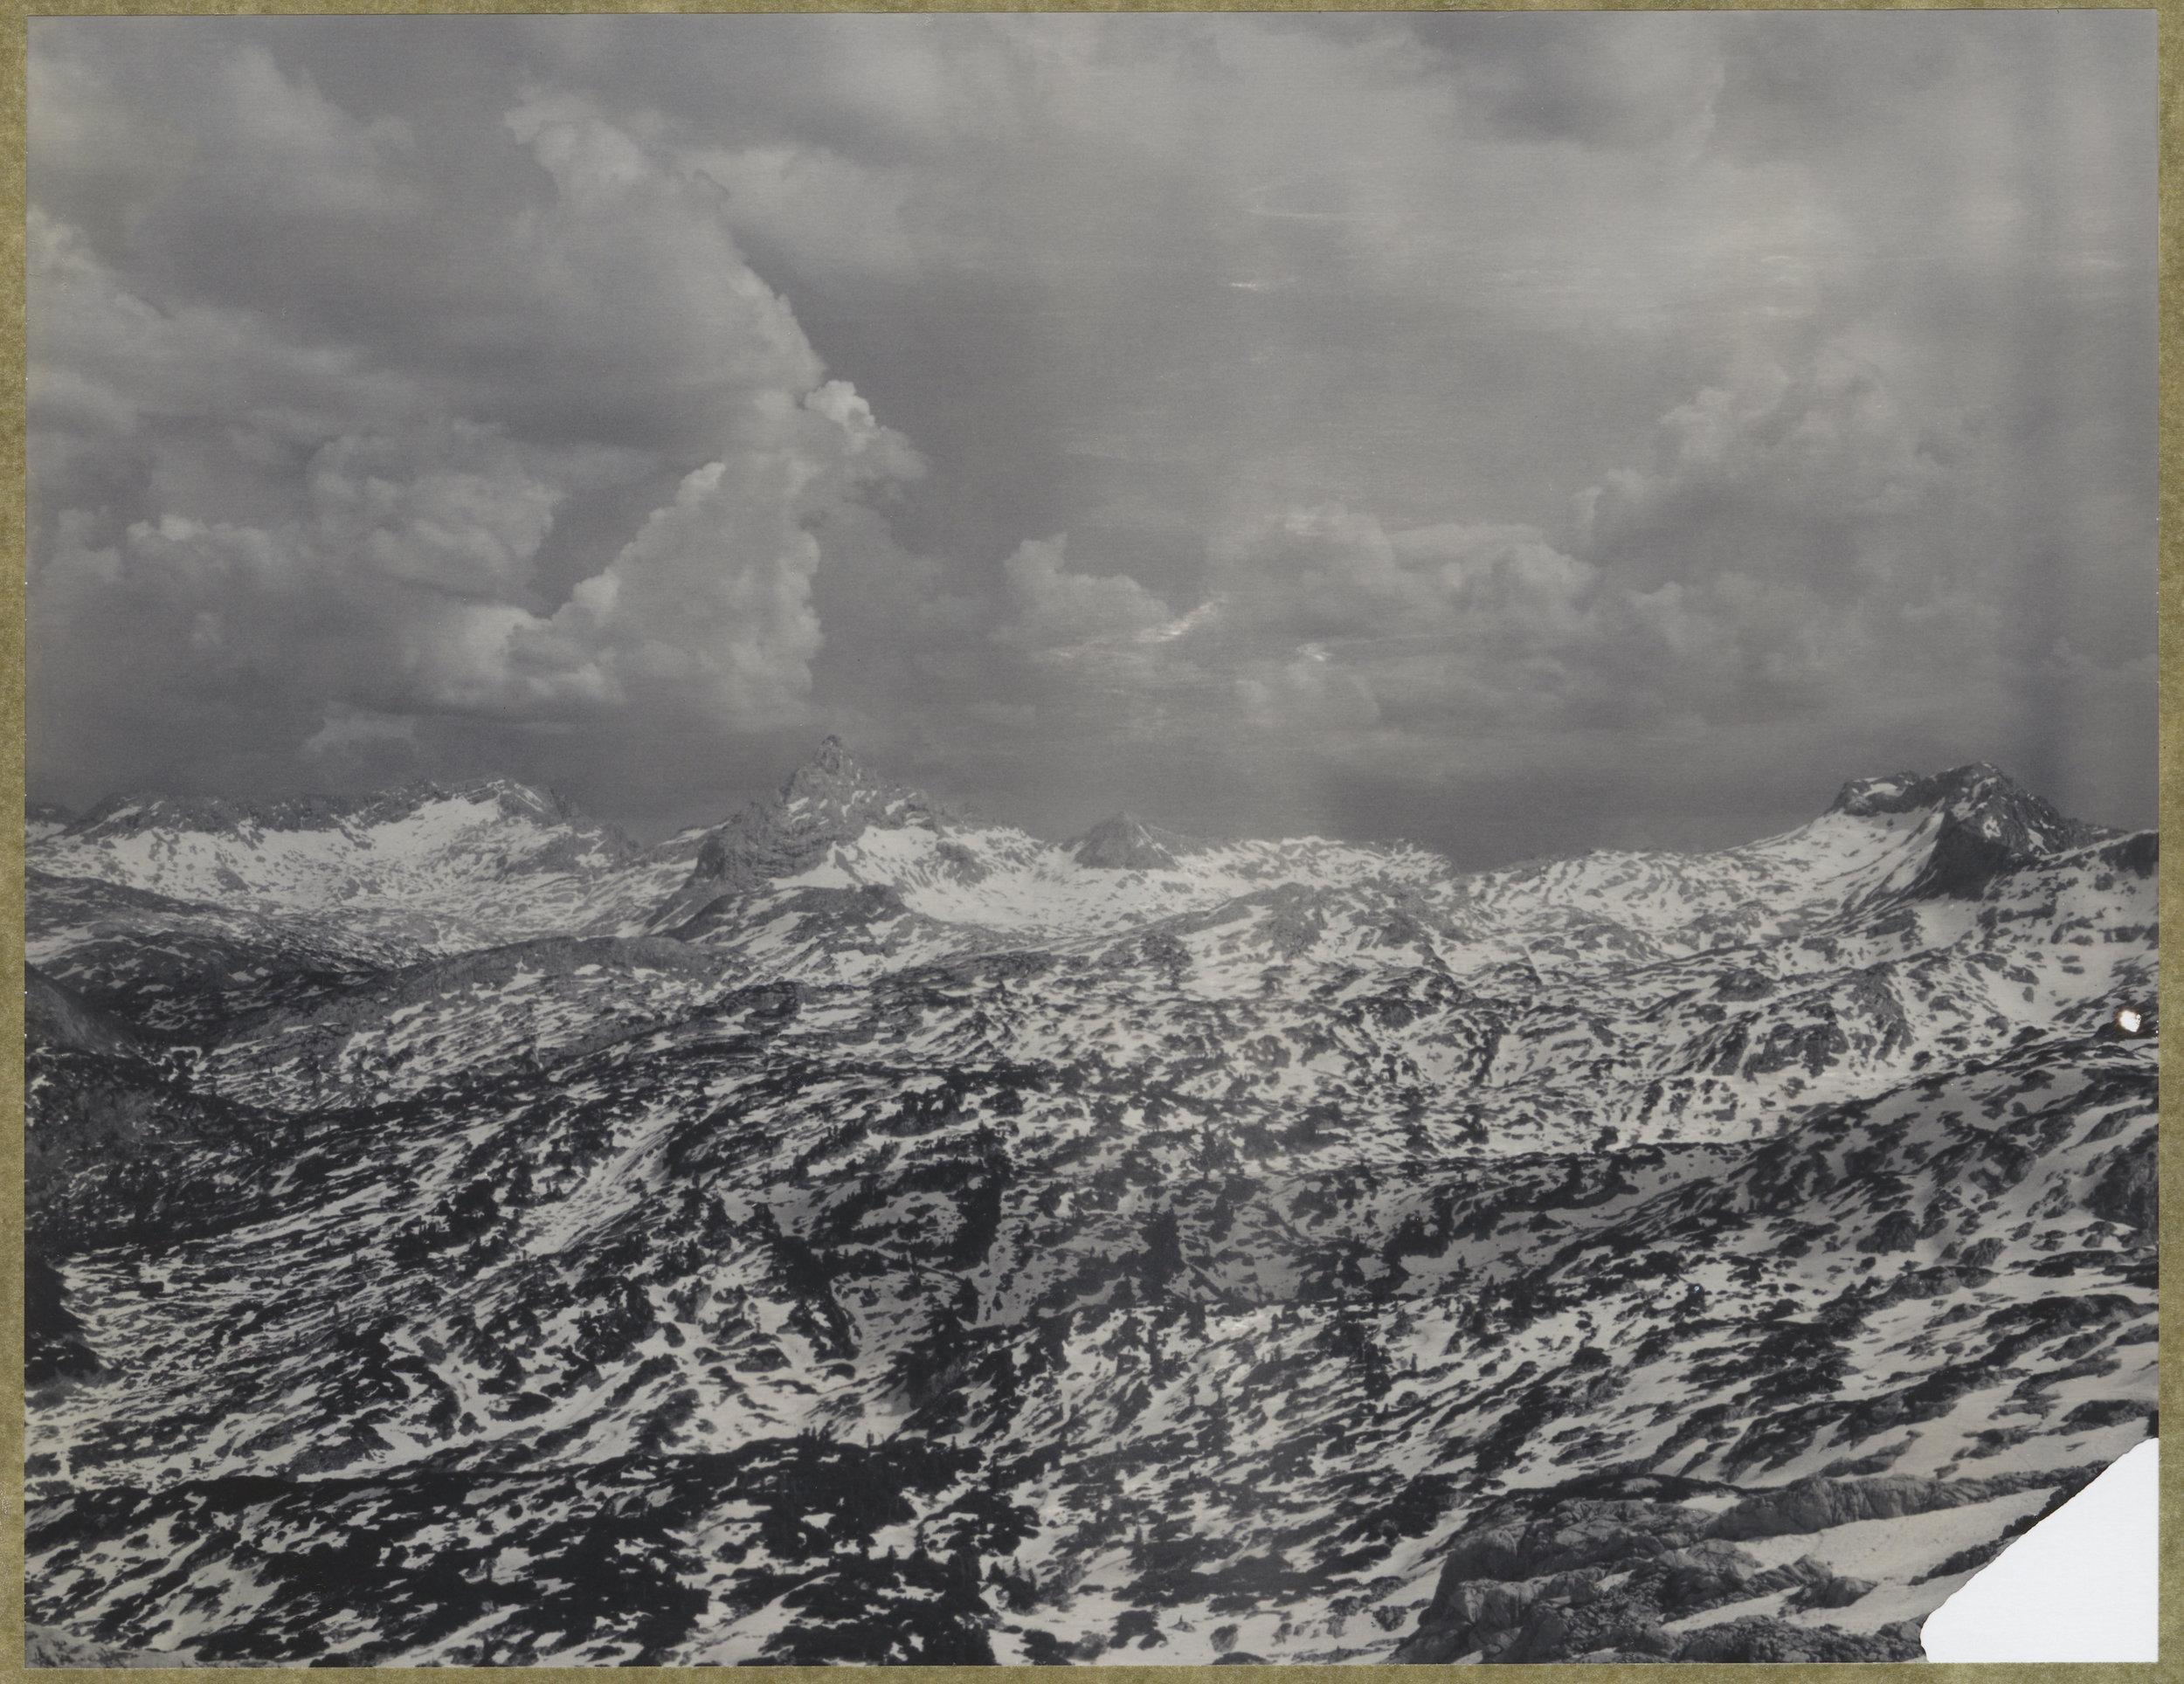 BerchtesgadenSteinernesMeerÜberblick.jpg